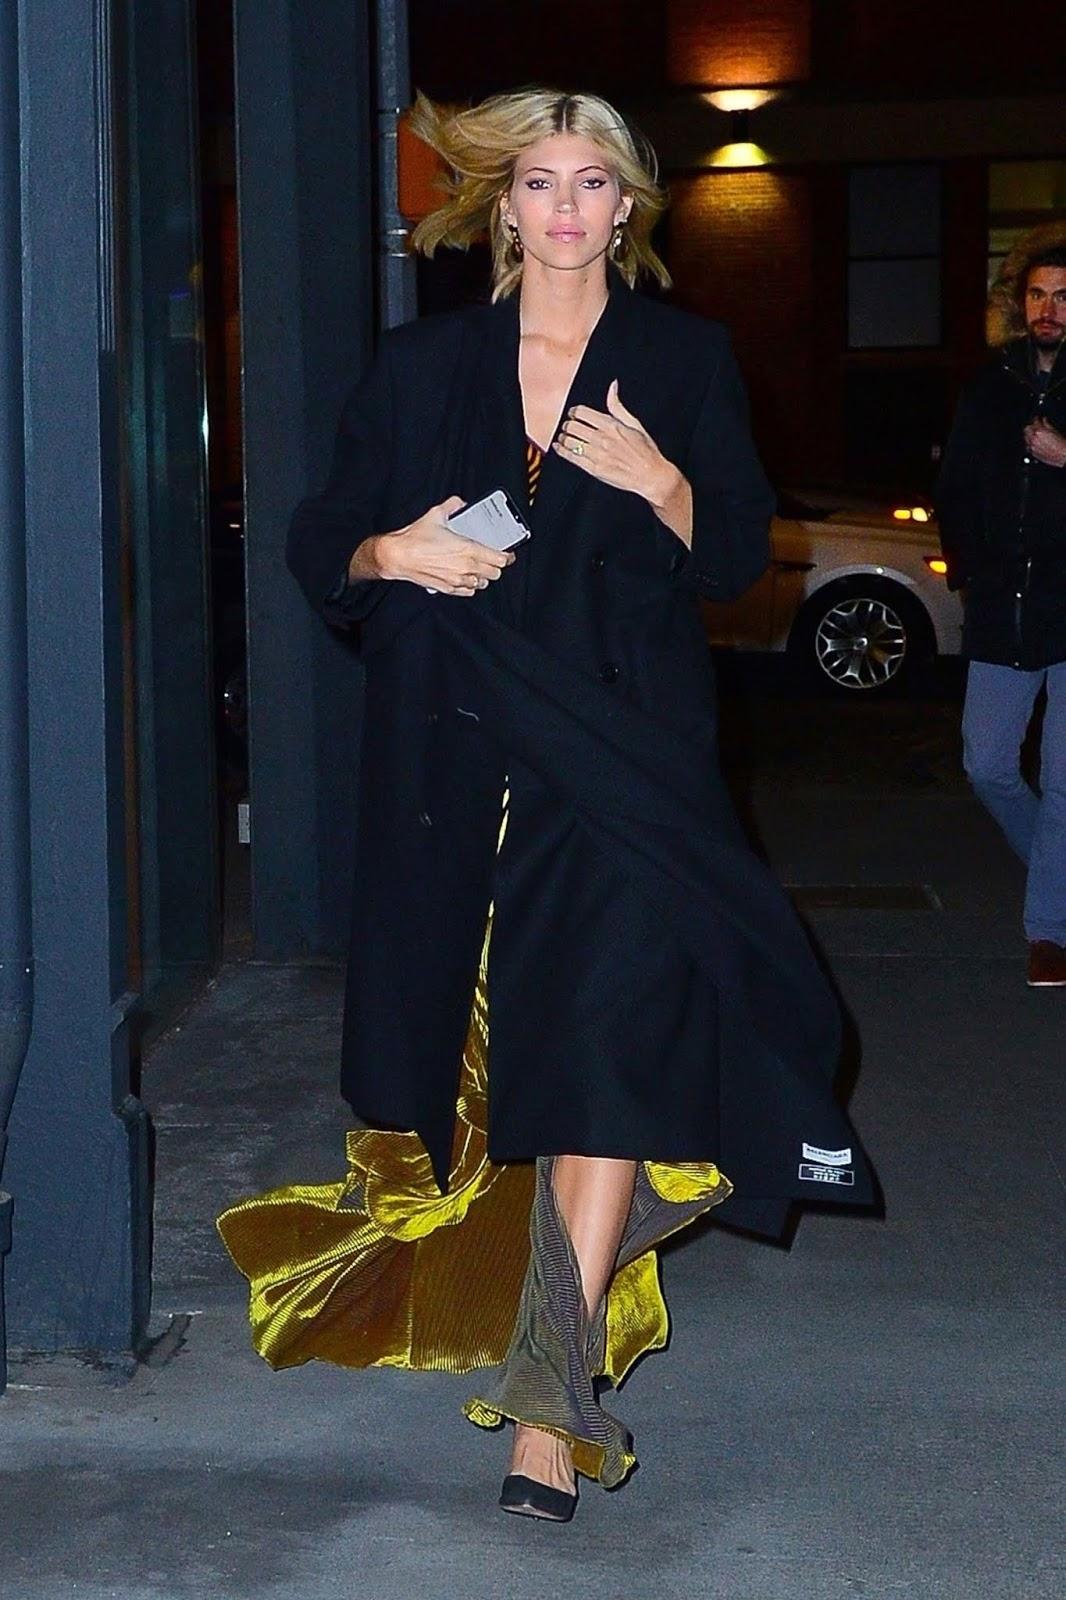 Devon Windsor - Diane Von Furstenberg throws fashion party during NYFW in NYC February 10, 2019